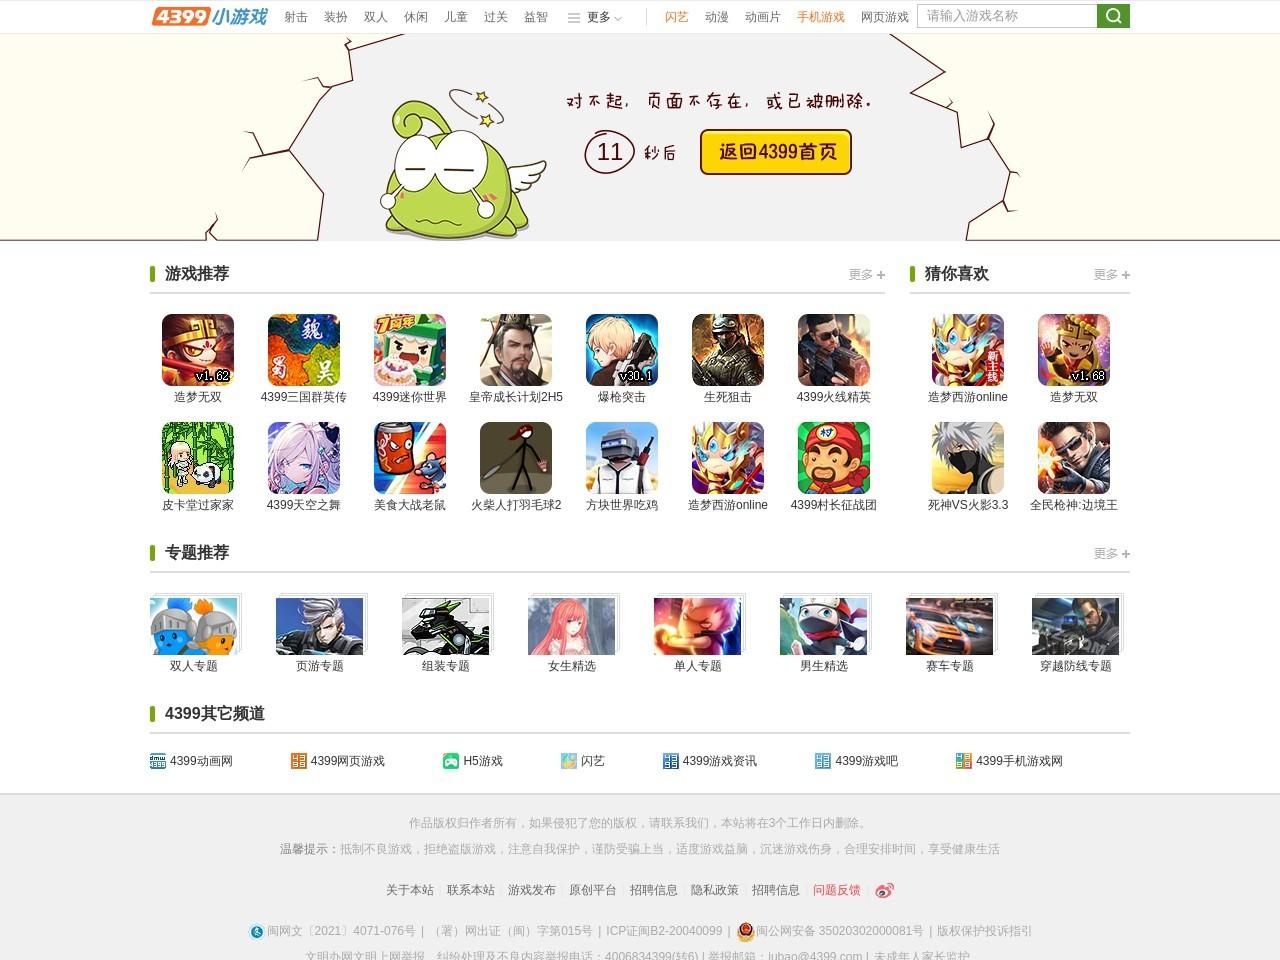 4399小(xiao)游戲(xi)